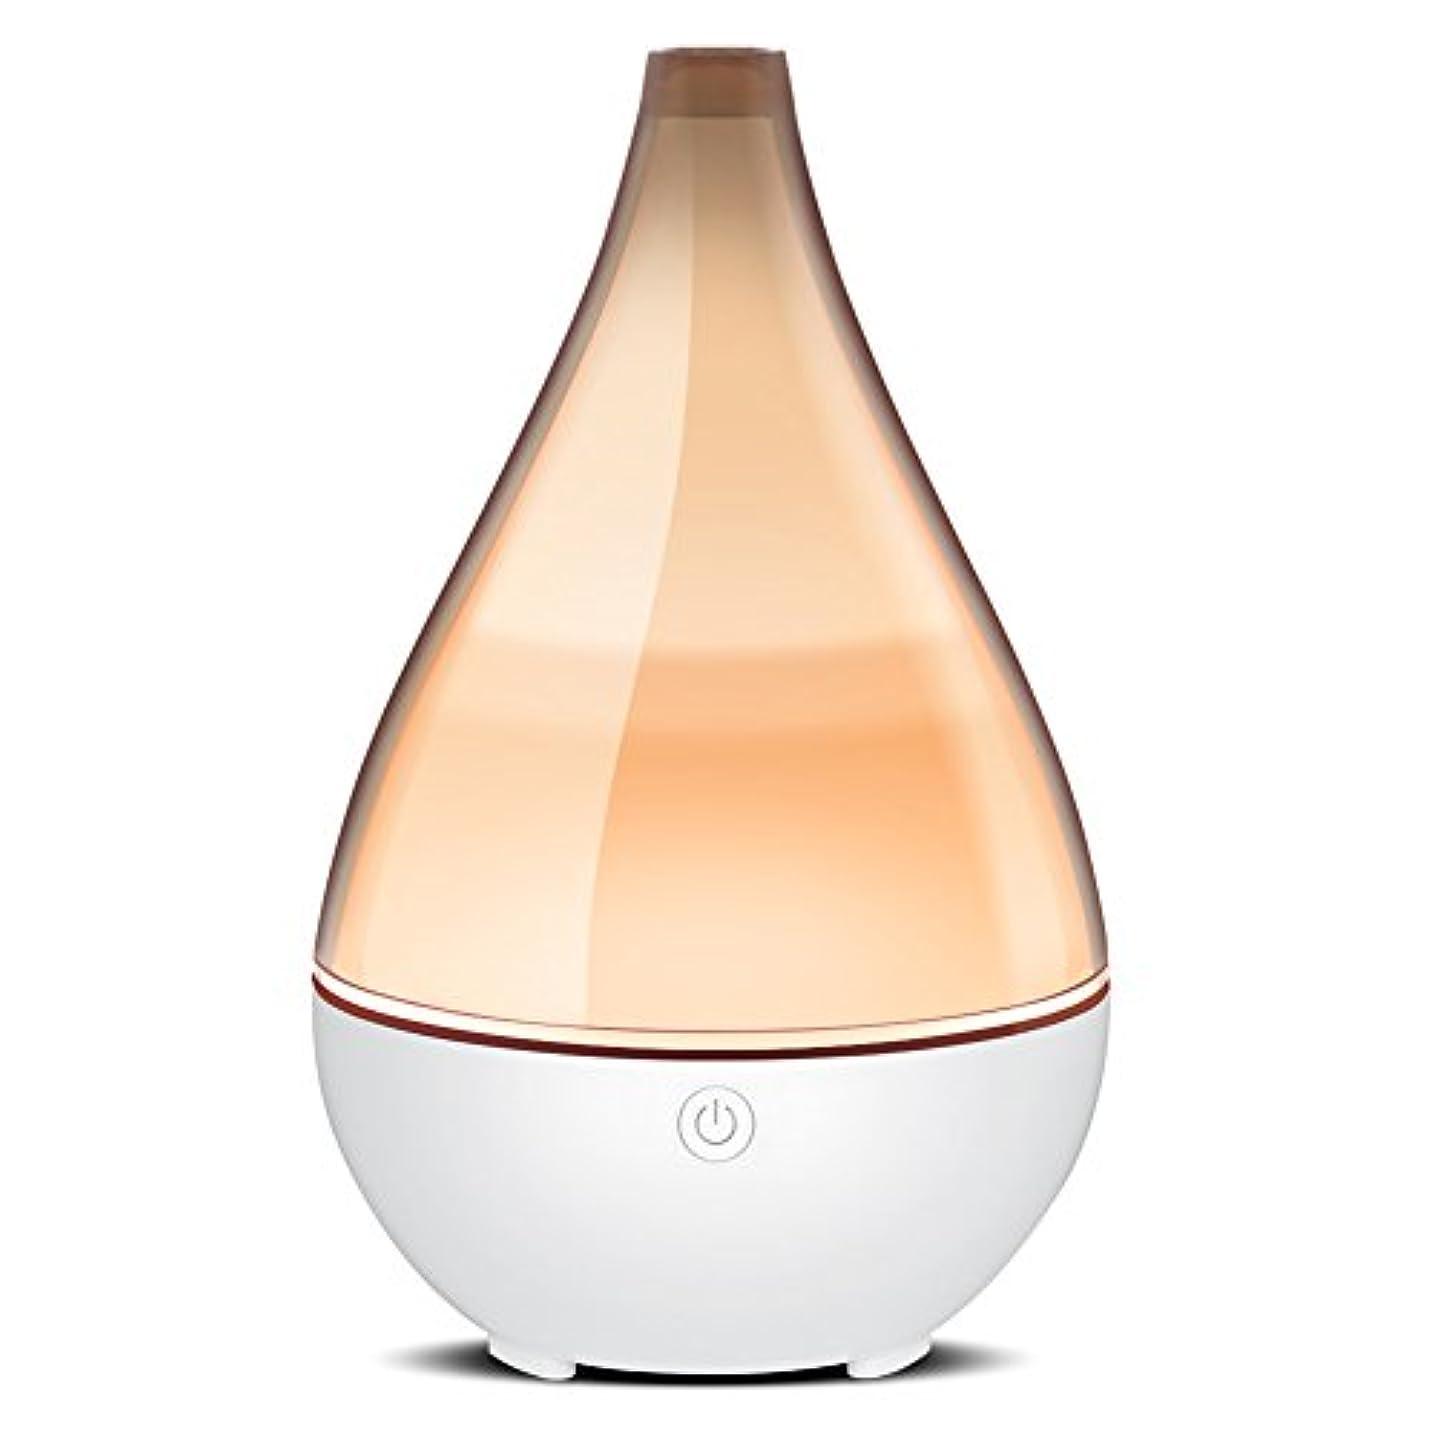 華氏短命連想InnoGear ホームヨガ オフィス 用 ユニークな呼吸ライト水なしオートオフで2019花瓶形 エッセンシャルオイルディフューザーエレガントな透明カバークールミスト加湿器超音波アロマディフューザー グレー